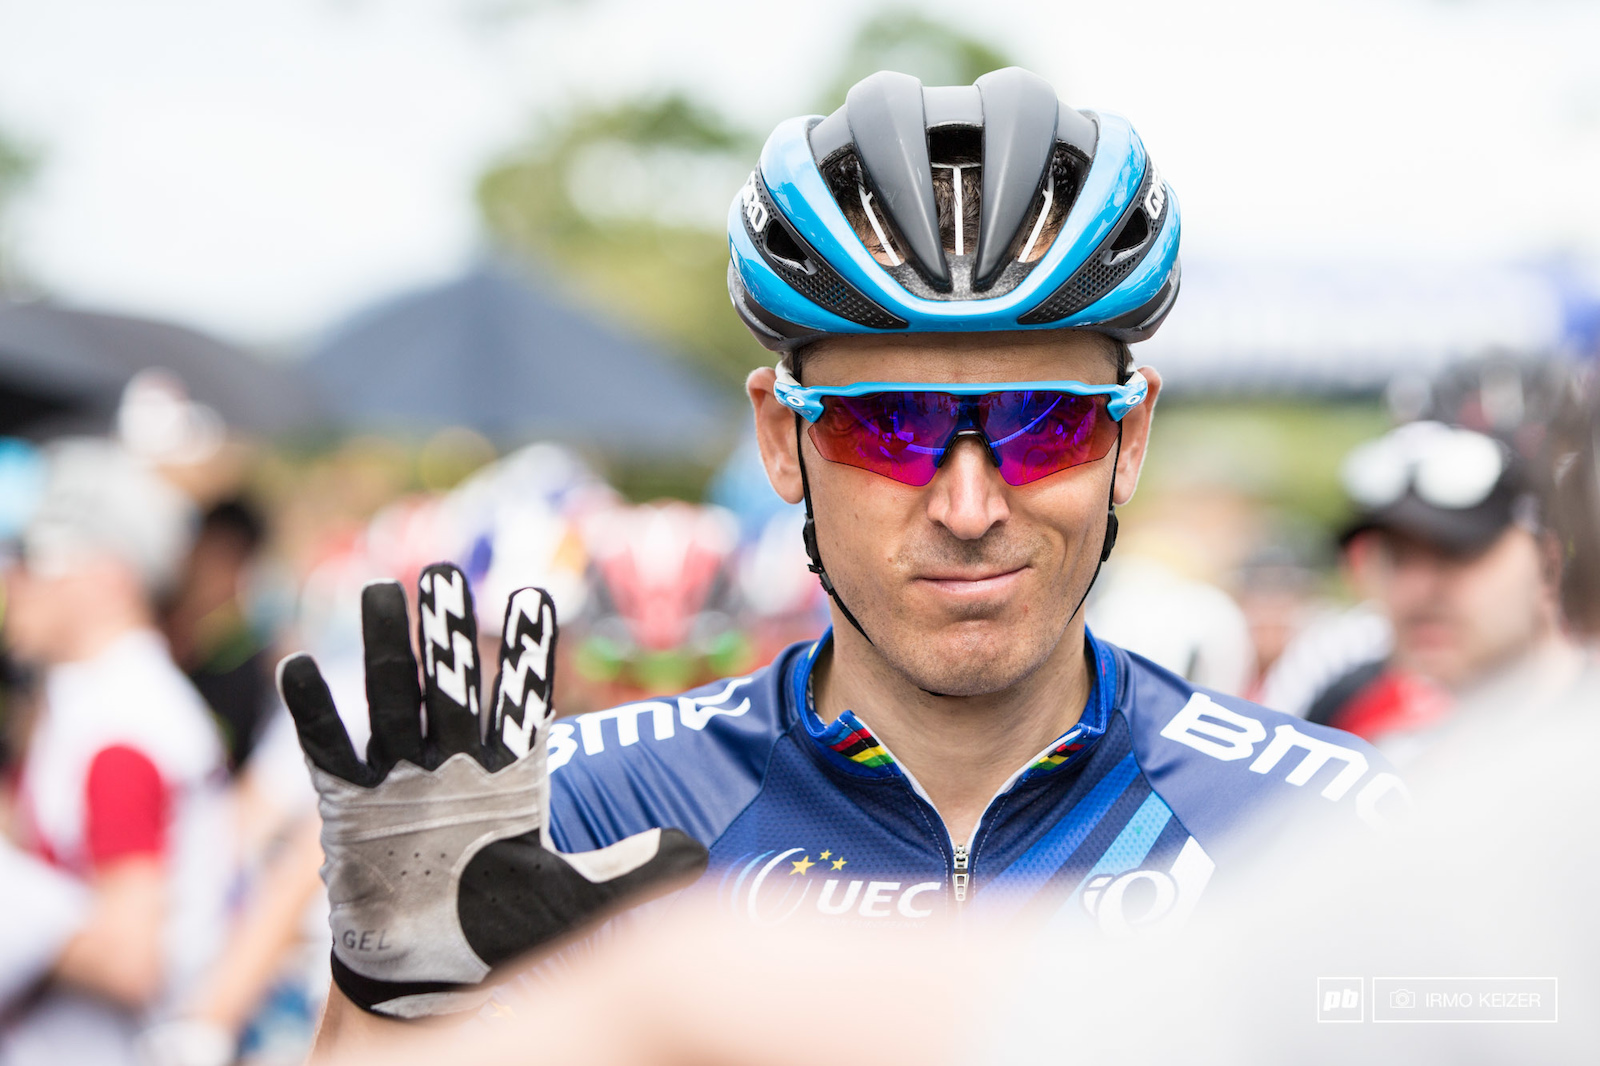 Julien Absalon moments from the start.